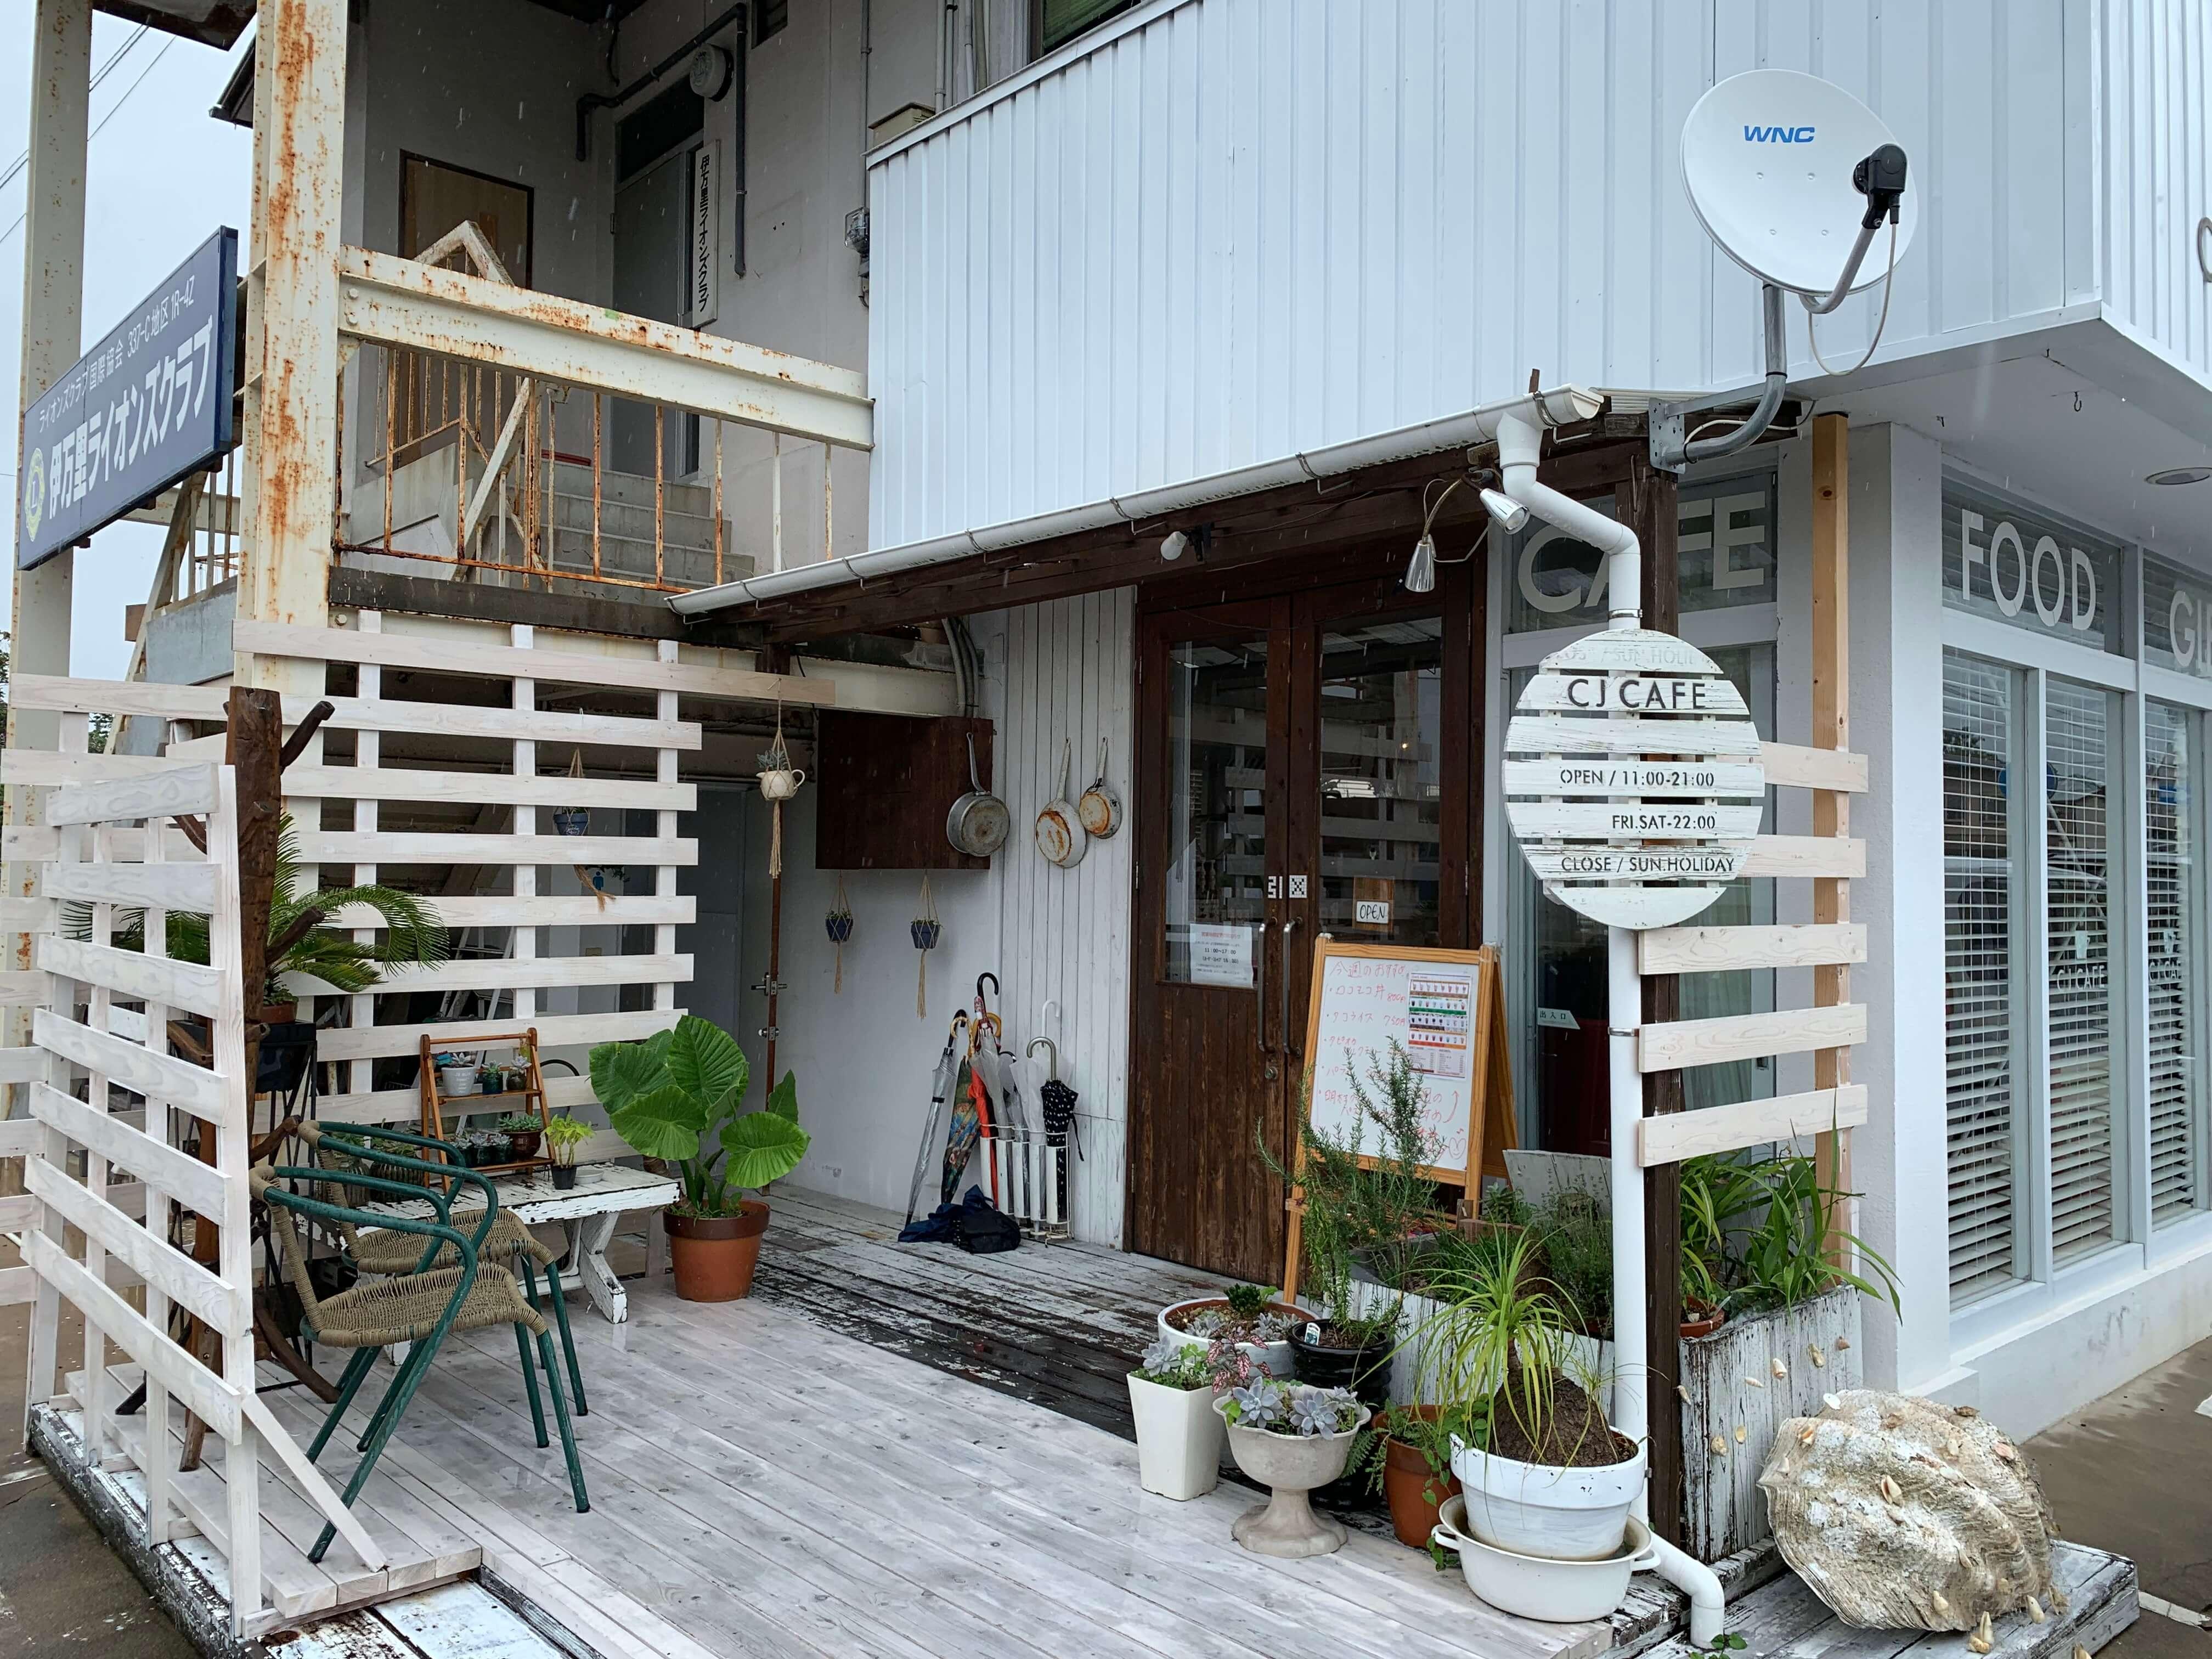 CJ Cafe(シージェイカフェ)伊万里 カフェ 外観